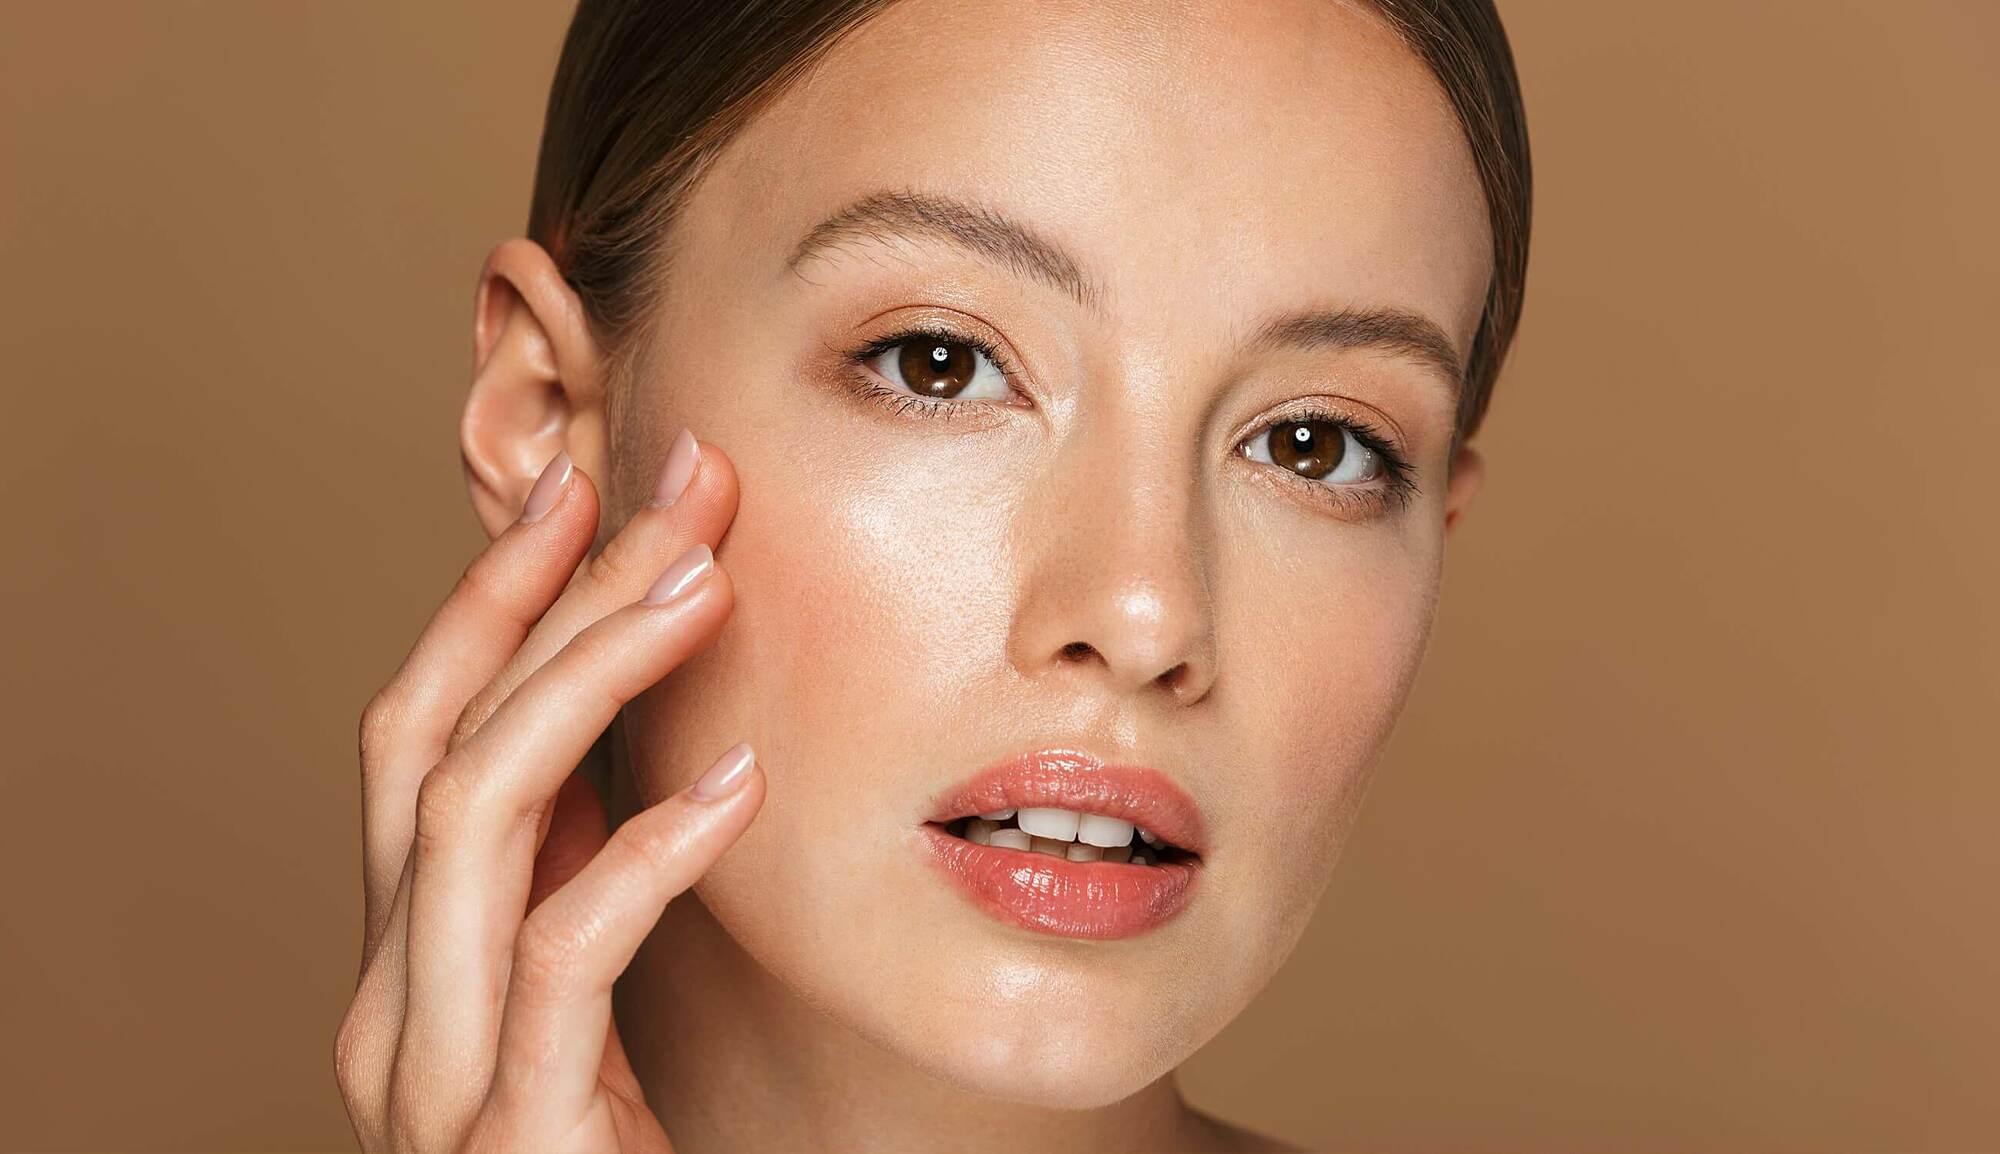 Da đổ dầu mất kiểm soát là dấu hiệu cho thấy da cần được tẩy tế bào chết nhiều hơn.